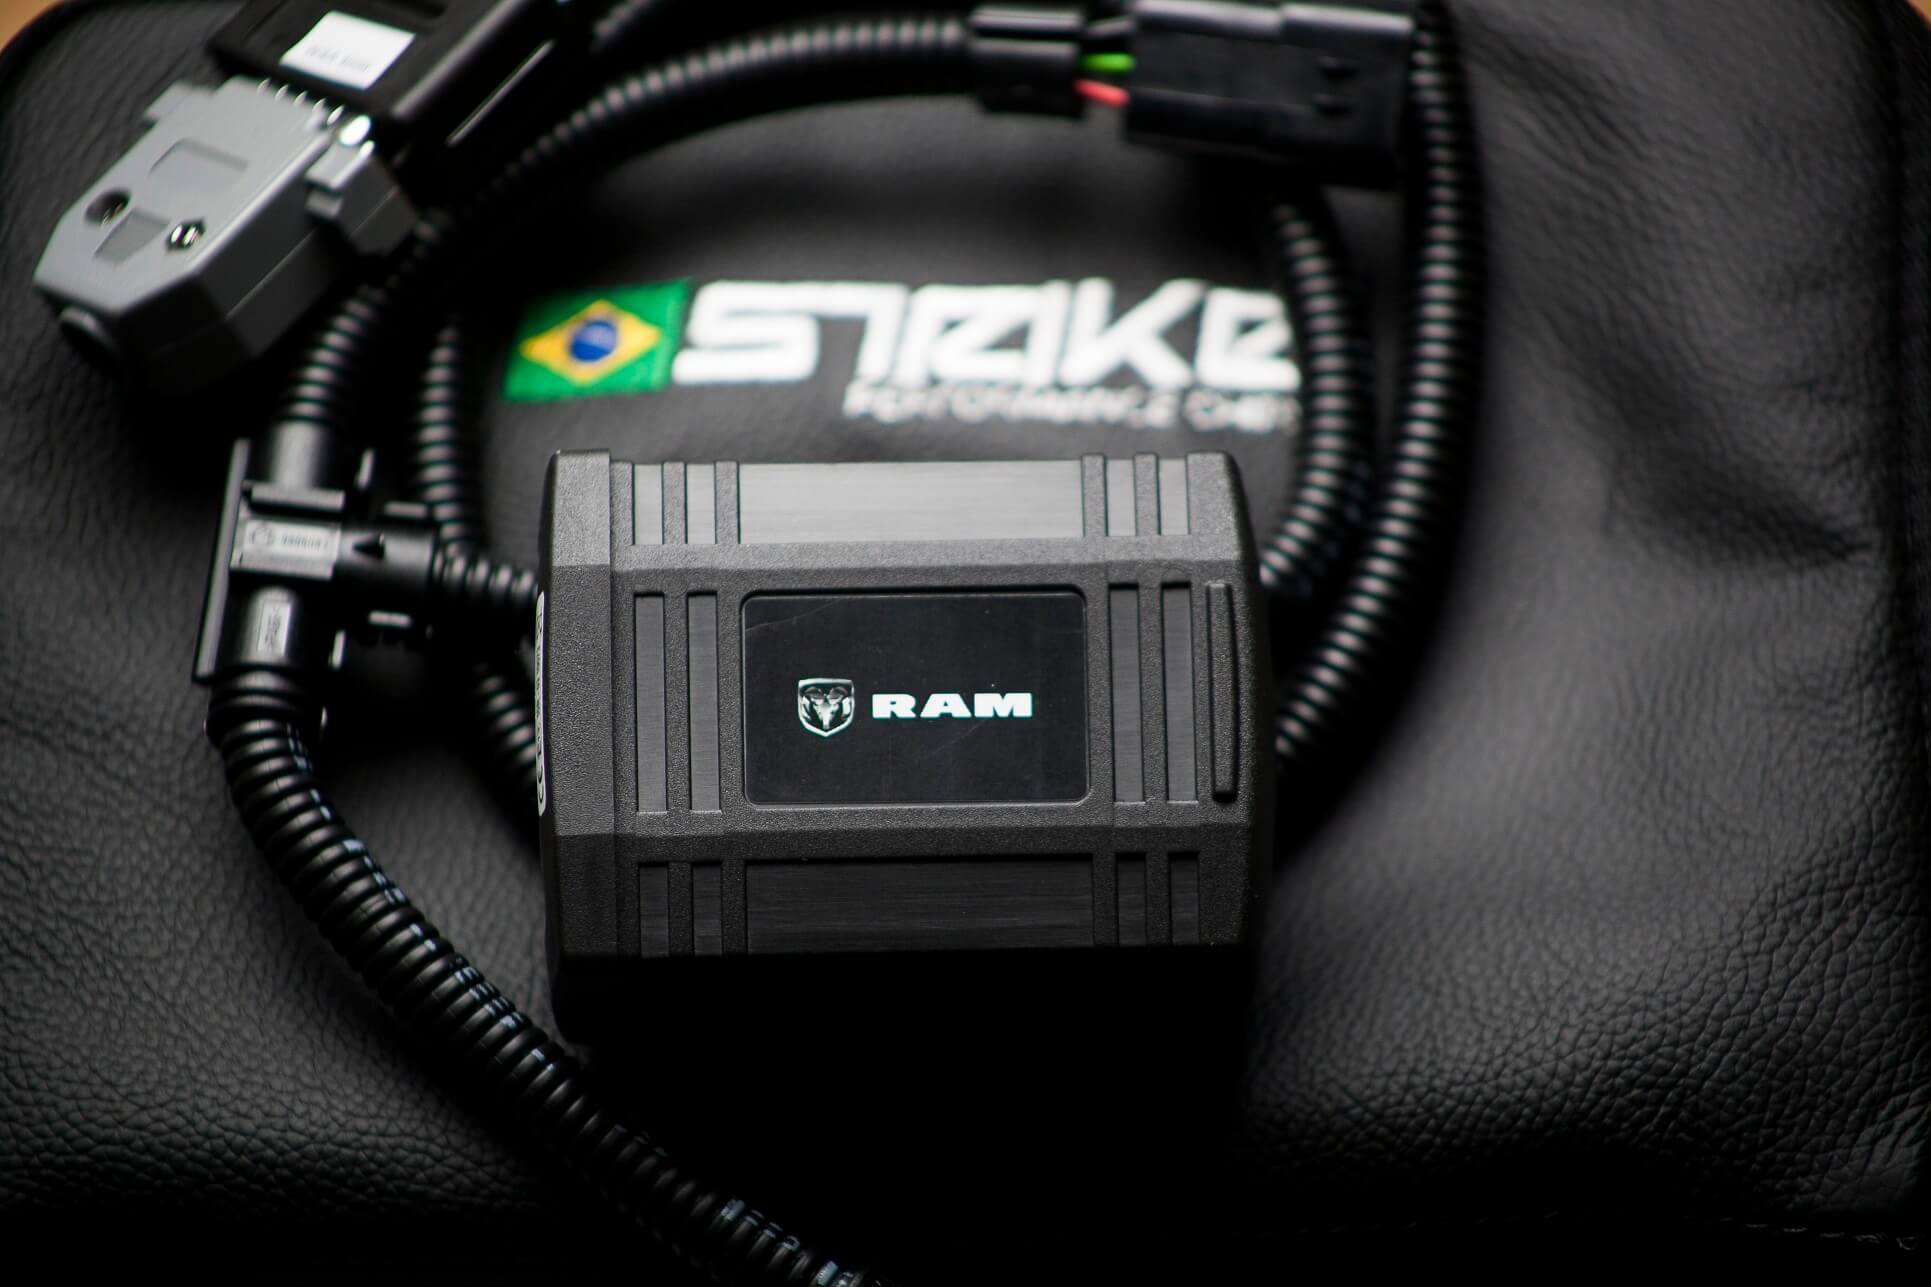 chip de potencia strike brasil performance carro